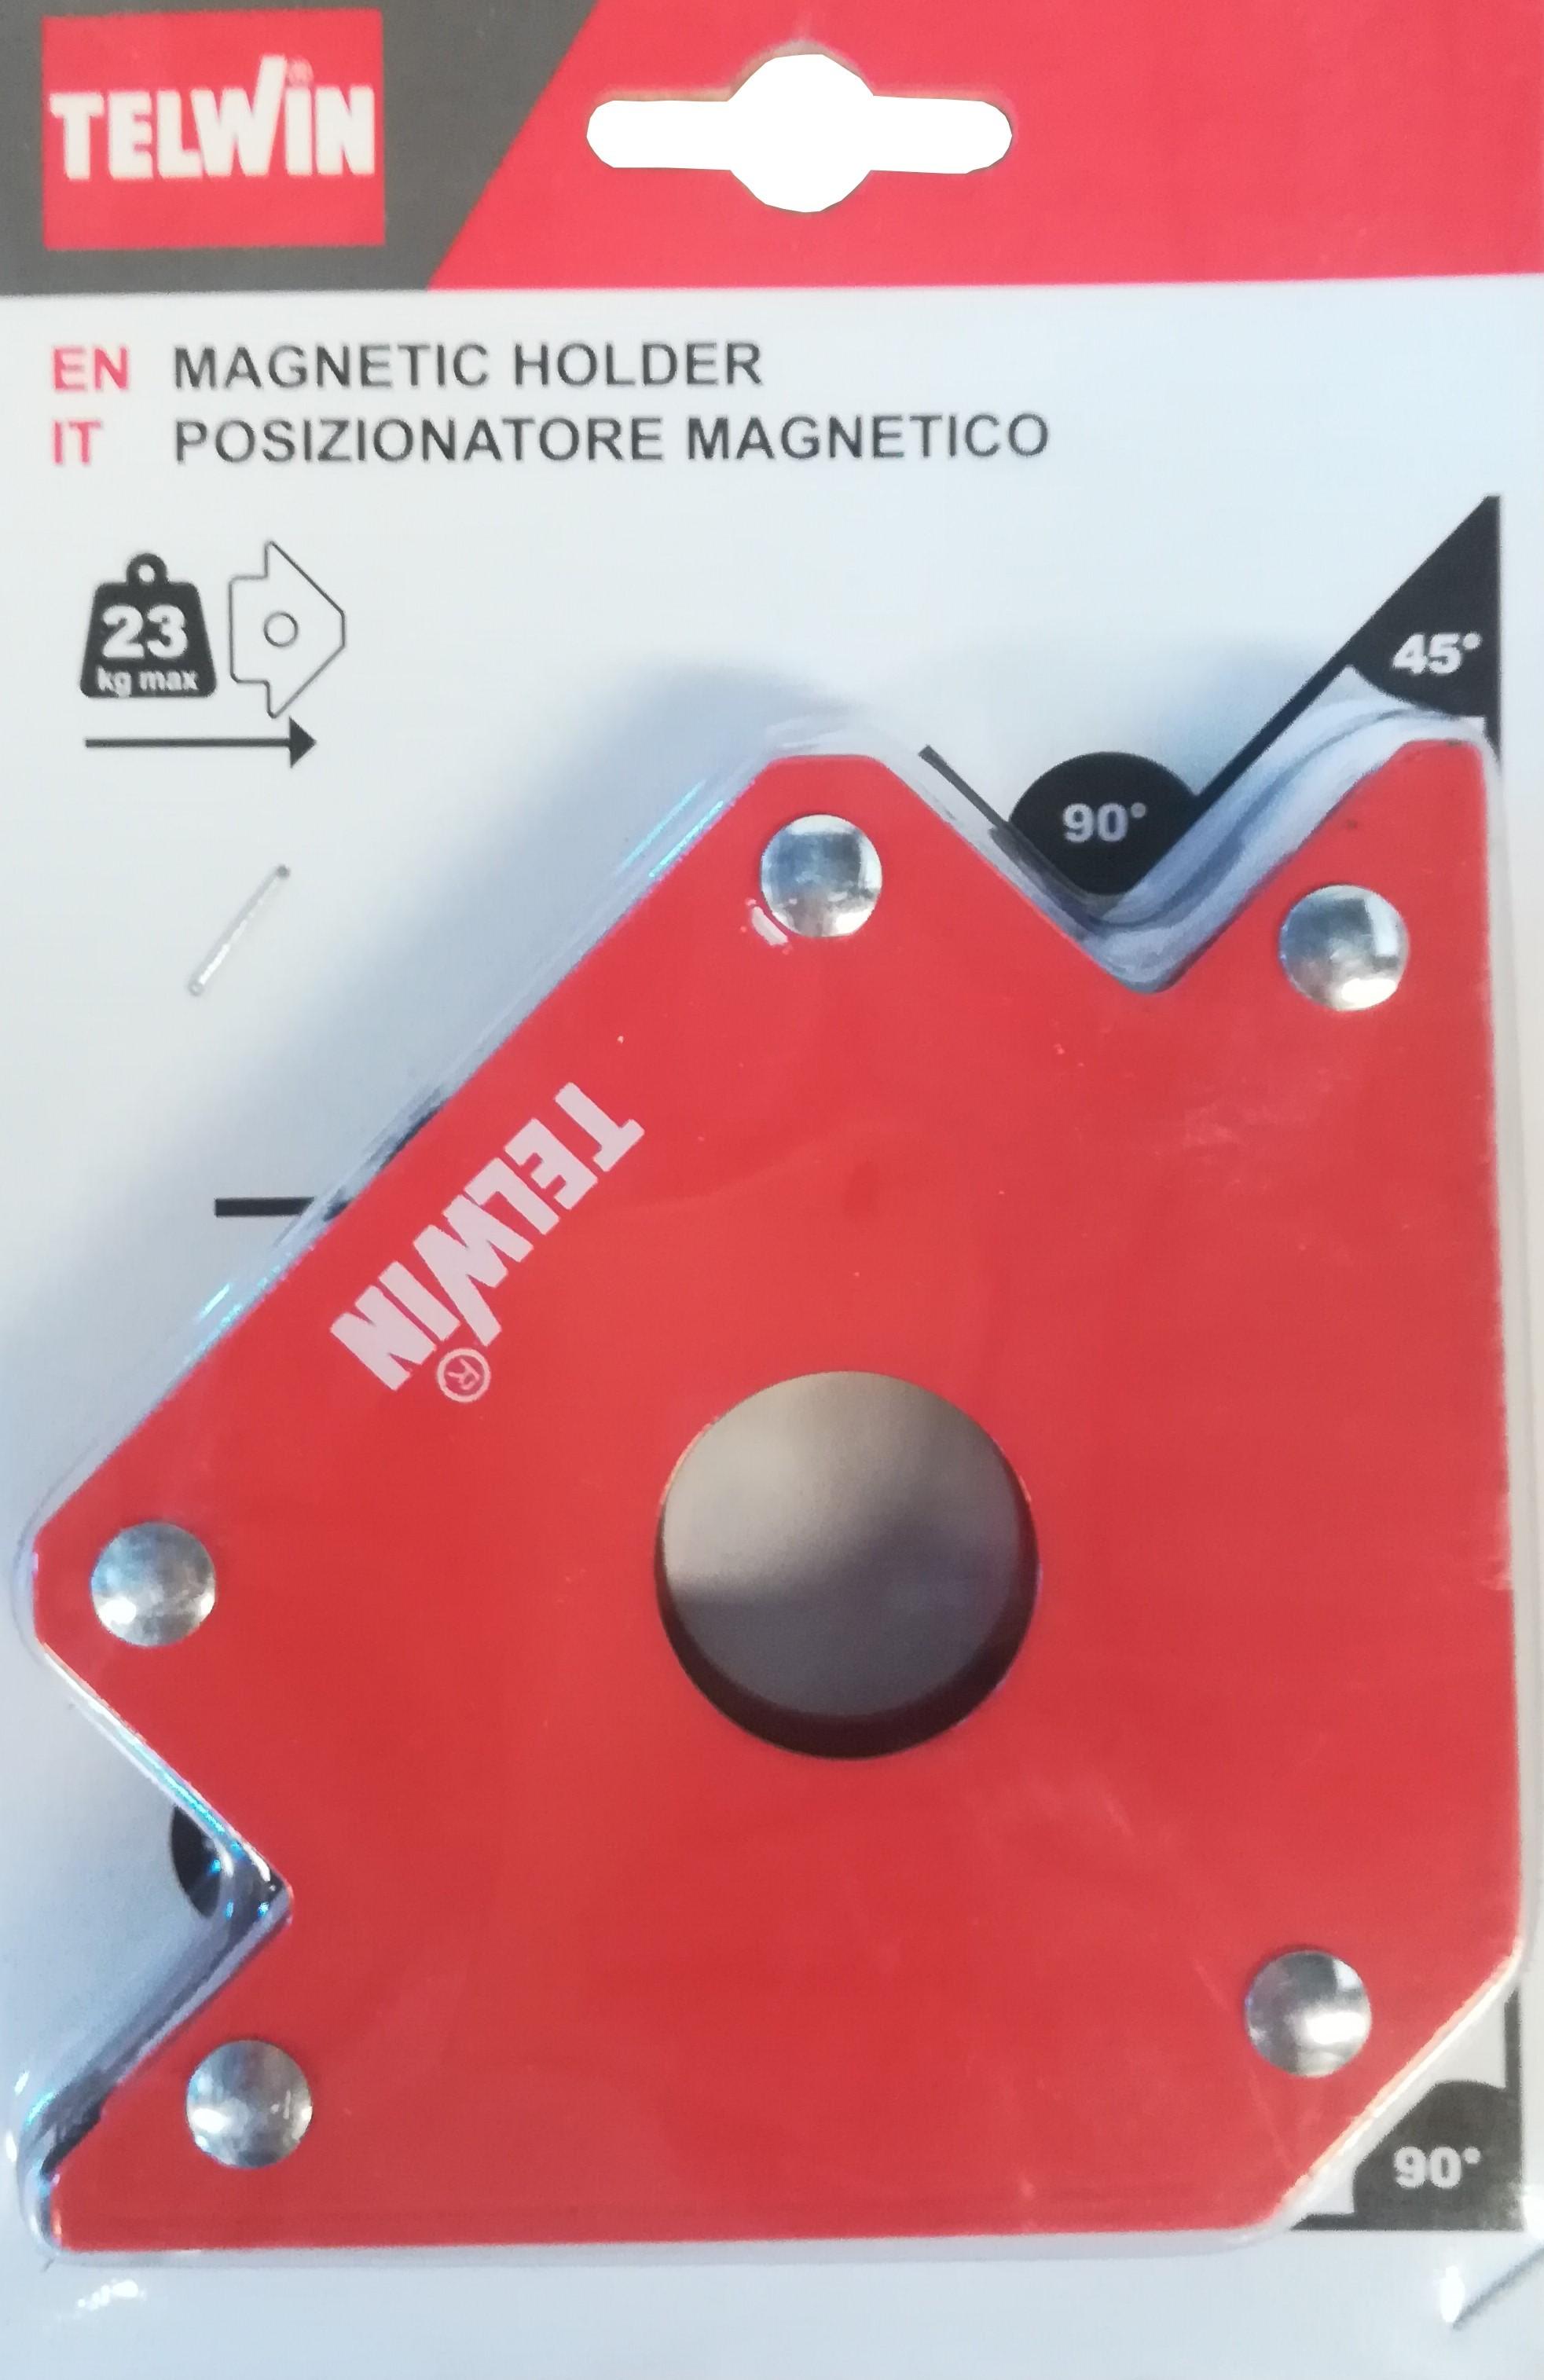 Posicionador magnético 23 kg